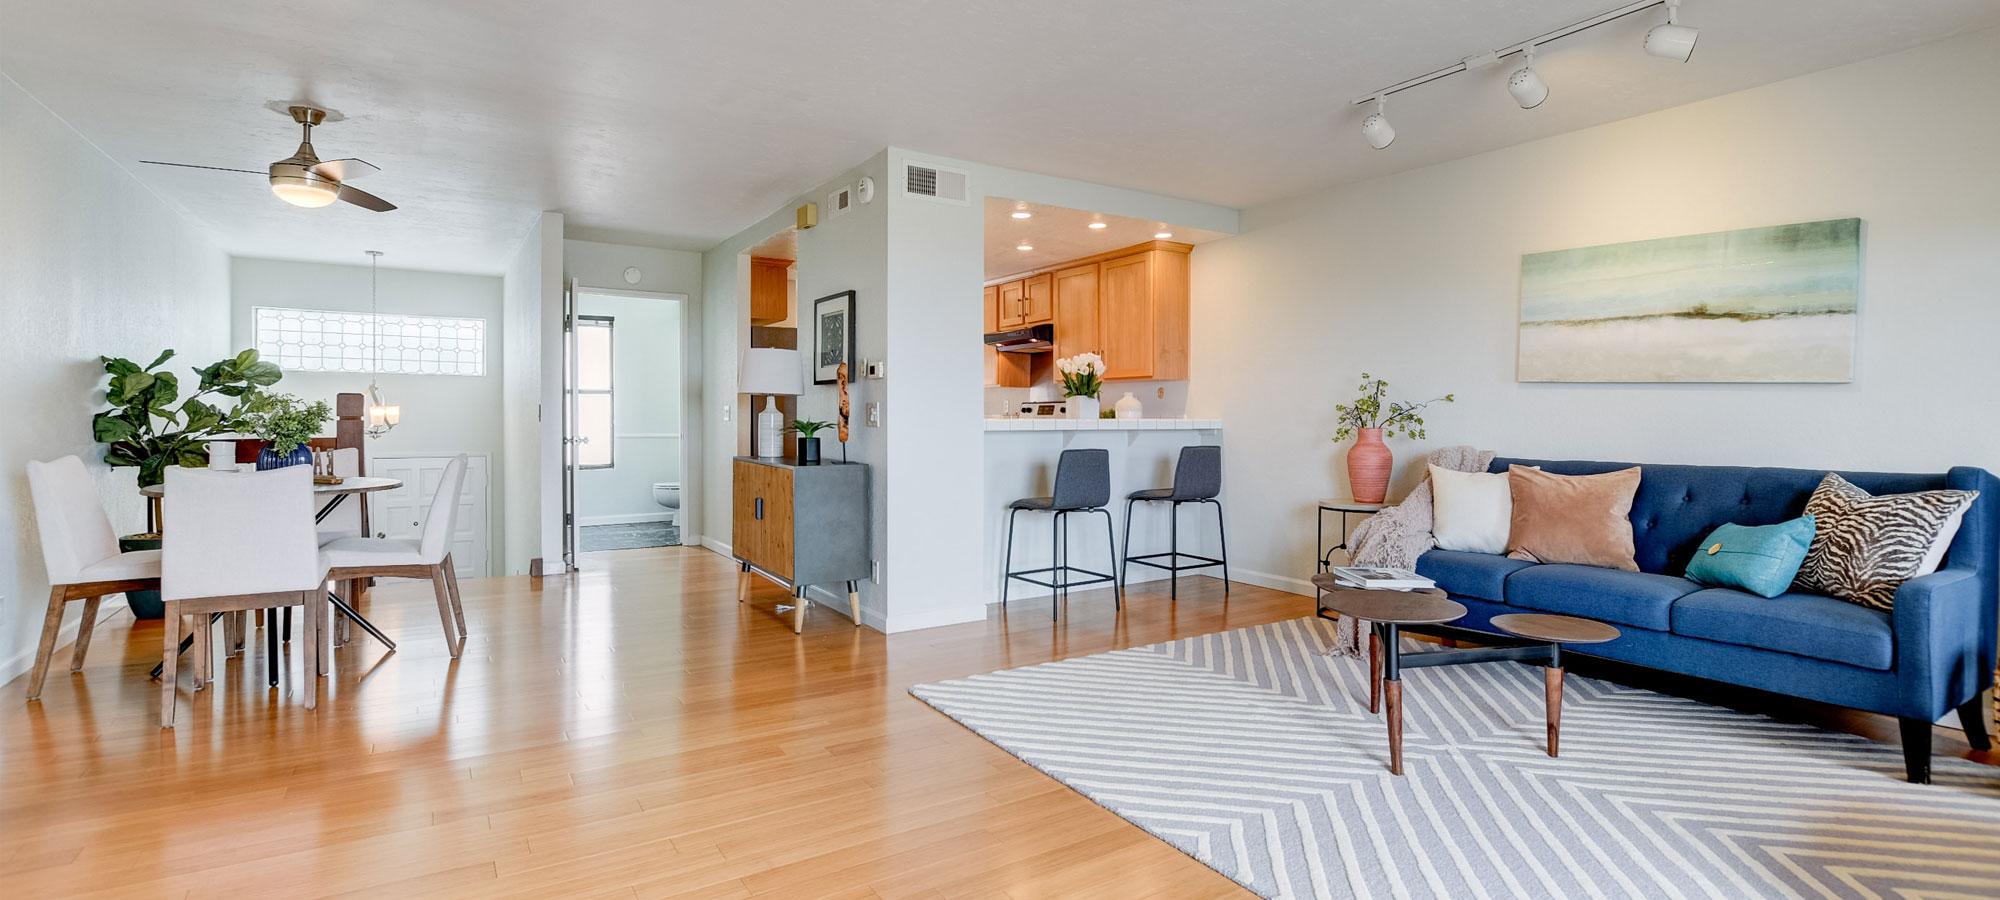 3731 Balboa Terrace Unit C San Diego, CA 92117